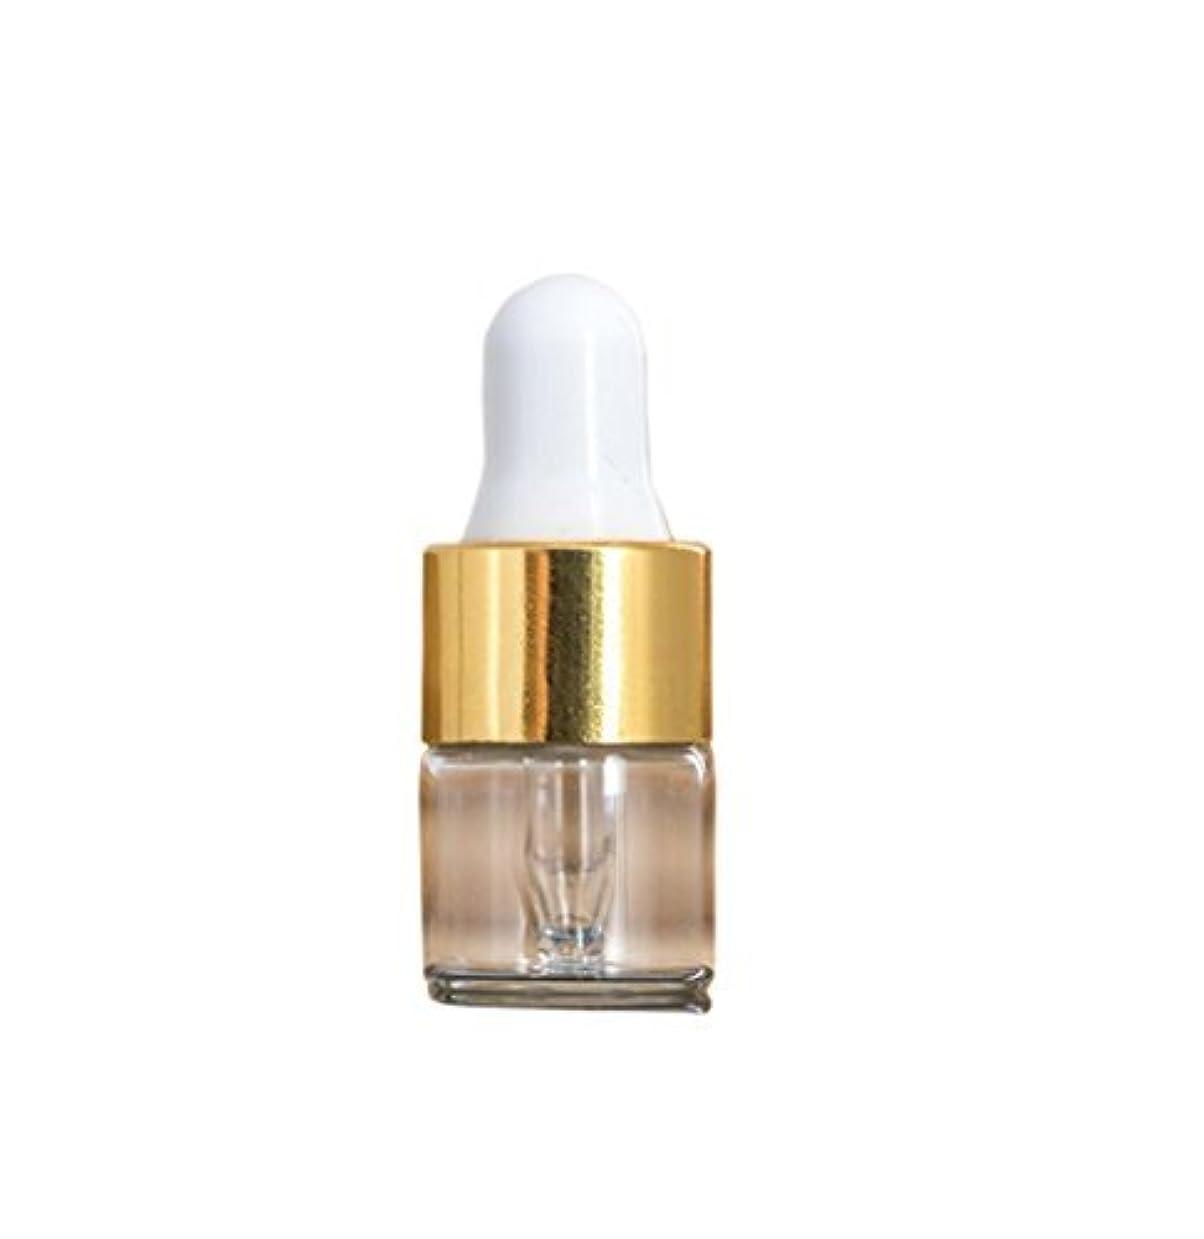 パーク平行気絶させるClear Glass Mini 1ml 15 Pcs Refillable Essential Oil Dropper Bottles Containers Cosmetic Sample Bottles Aromatherapy...